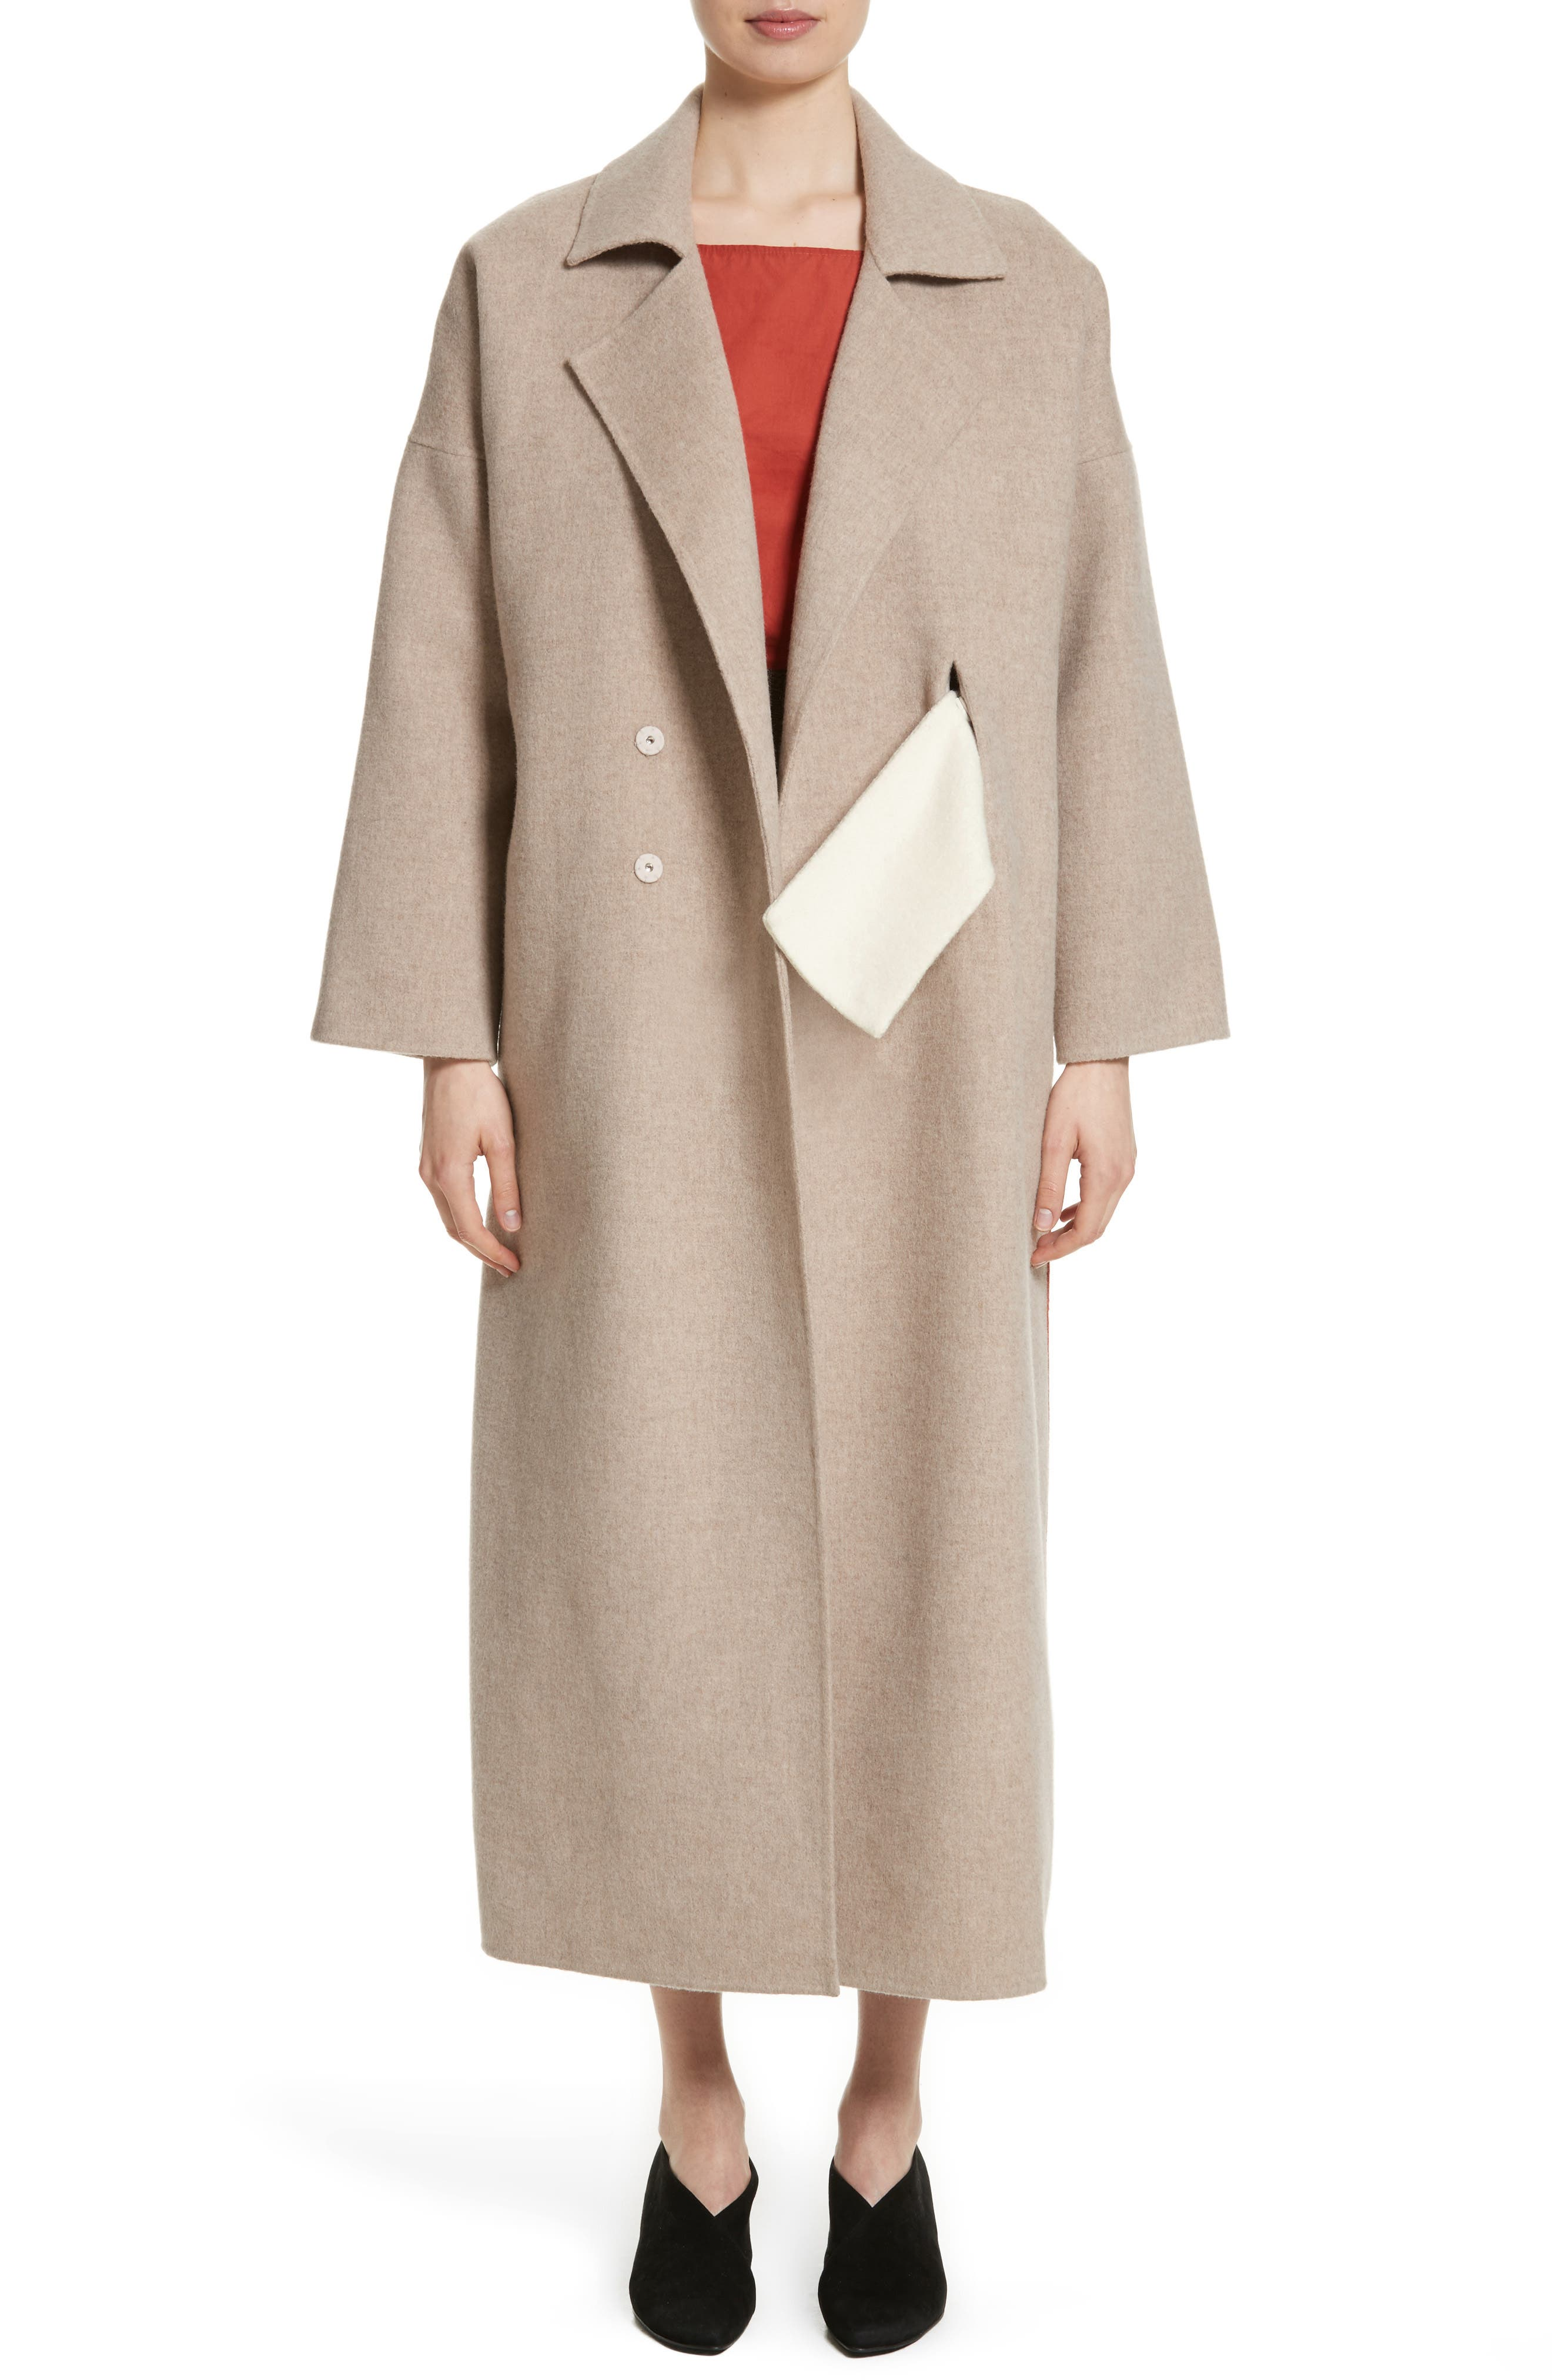 Rejina Pyo Kate Oversize Belted Coat